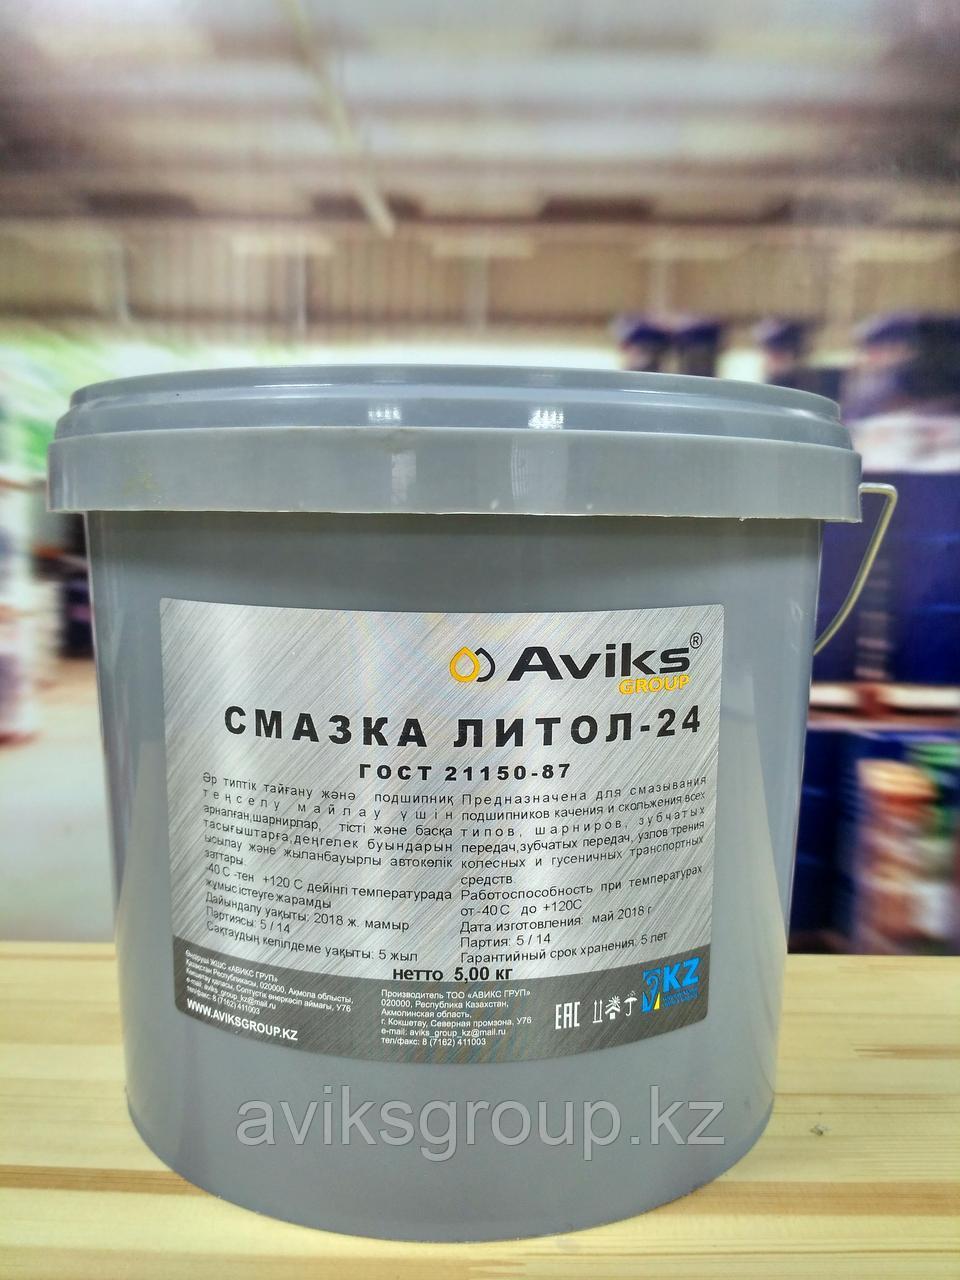 Смазка Литол-24, ведро 5 кг